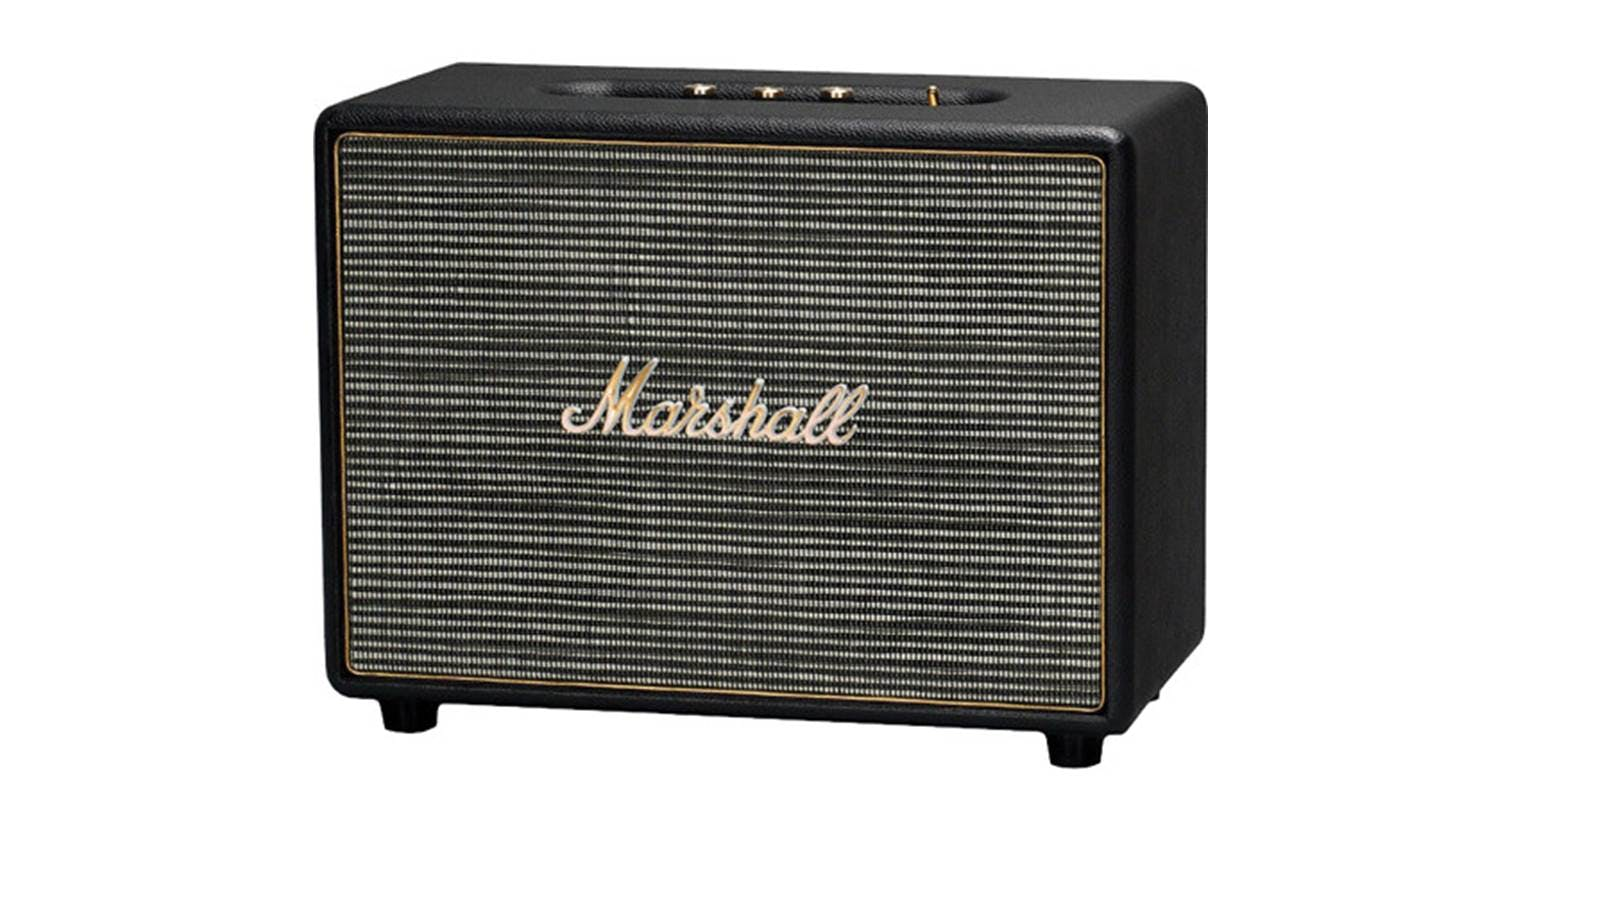 Marshall Woburn Bluetooth Speaker Black Harvey Norman